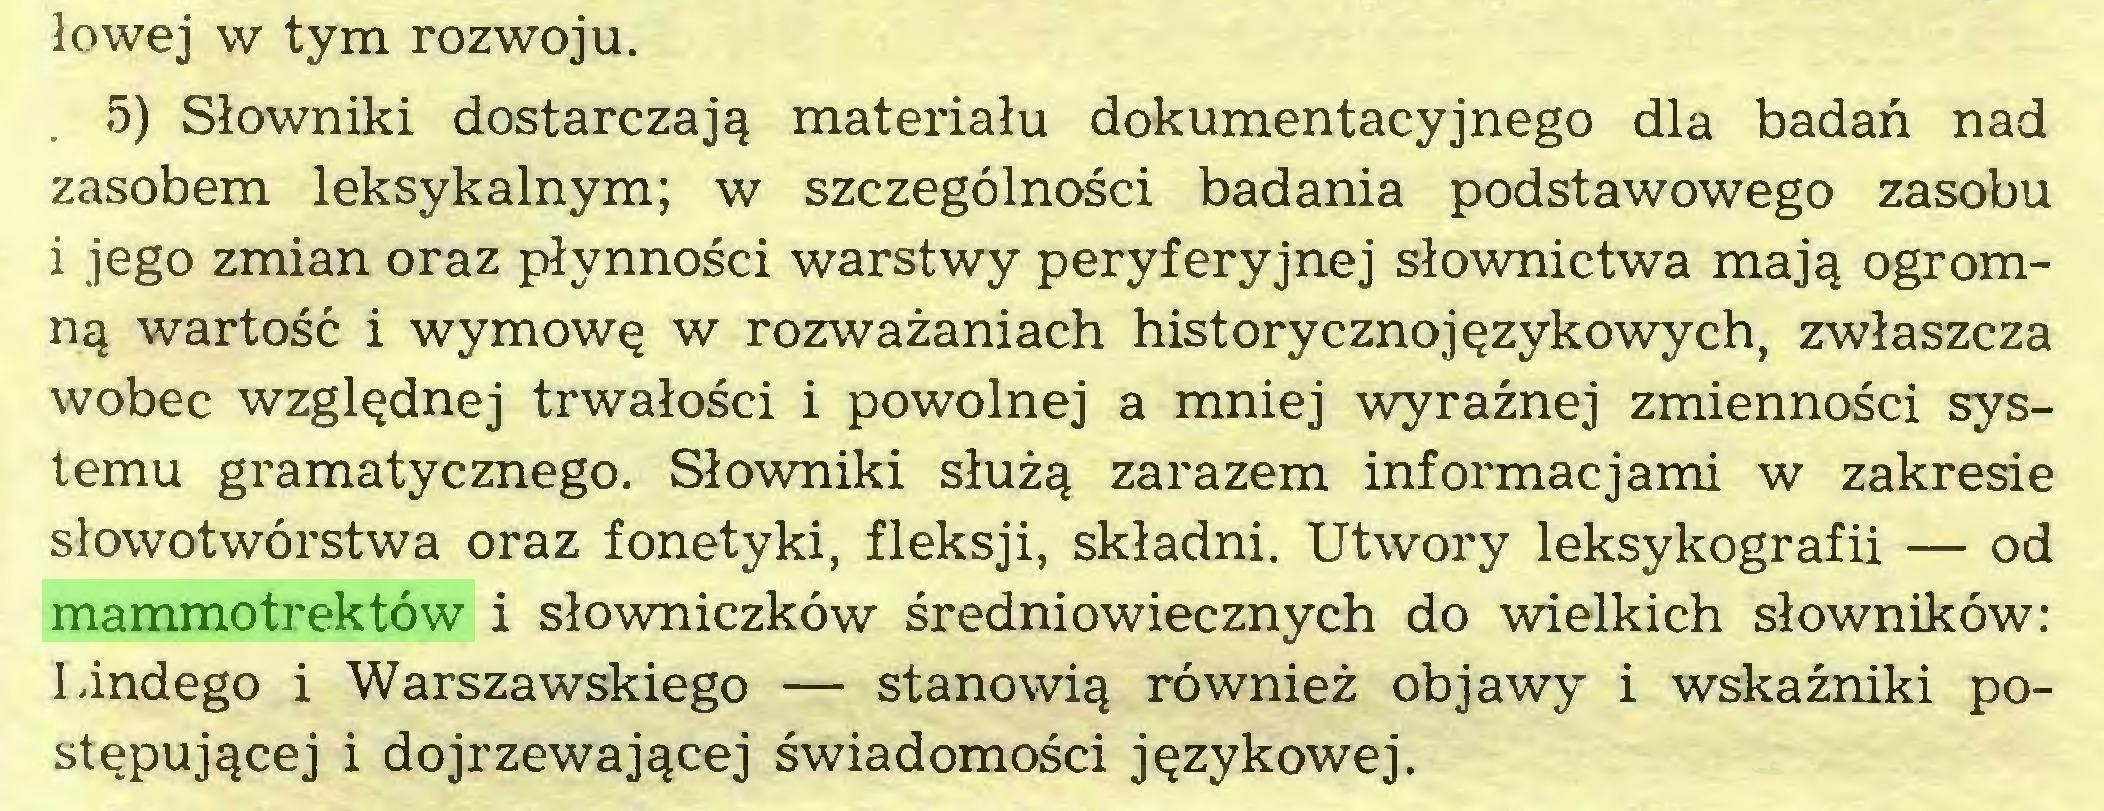 (...) łowej w tym rozwoju. 5) Słowniki dostarczają materiału dokumentacyjnego dla badań nad zasobem leksykalnym; w szczególności badania podstawowego zasobu i jego zmian oraz płynności warstwy peryferyjnej słownictwa mają ogromną wartość i wymowę w rozważaniach historycznojęzykowych, zwłaszcza wobec względnej trwałości i powolnej a mniej wyraźnej zmienności systemu gramatycznego. Słowniki służą zarazem informacjami w zakresie słowotwórstwa oraz fonetyki, fleksji, składni. Utwory leksykografii — od mammotrektów i słowniczków średniowiecznych do wielkich słowników: Lindego i Warszawskiego — stanowią również objawy i wskaźniki postępującej i dojrzewającej świadomości językowej...